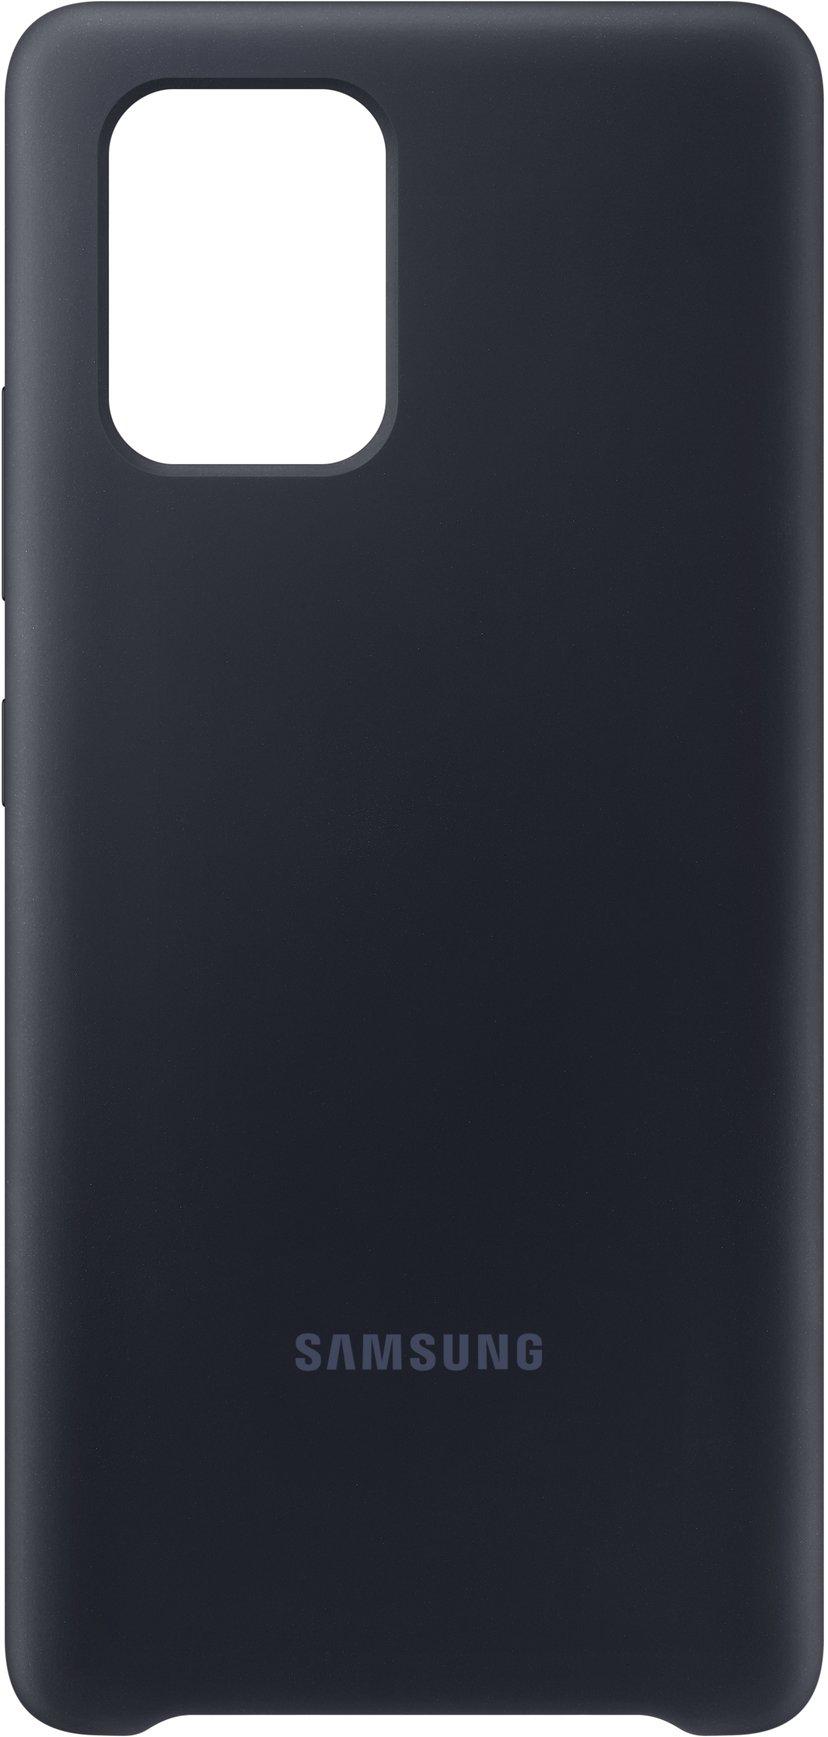 Samsung Galaxy S10 Lite Silicone Cover Black Samsung Galaxy S10 Lite Svart